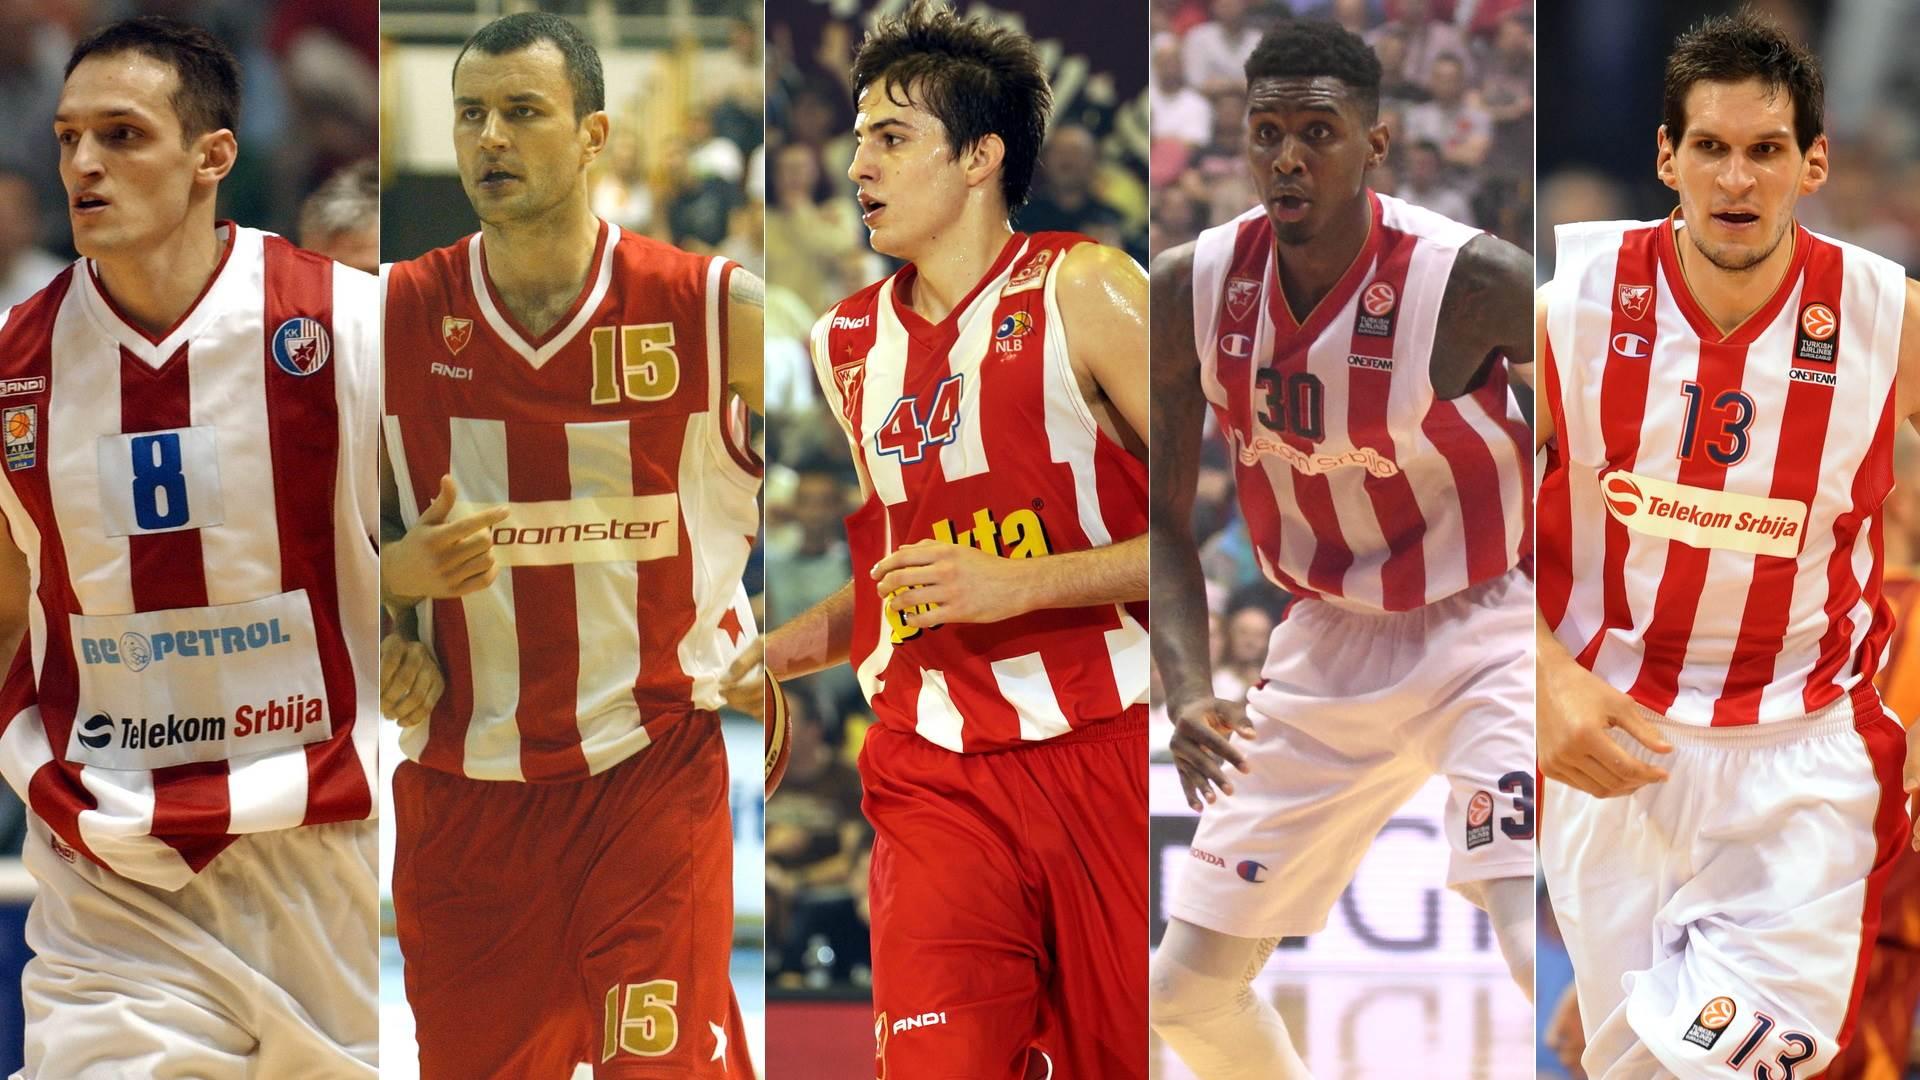 KKCZ, KK Crvena zvezda, idealni tim, najbolji tim, Rakočević, Gurović, Bjelica, Miler, Marjanović